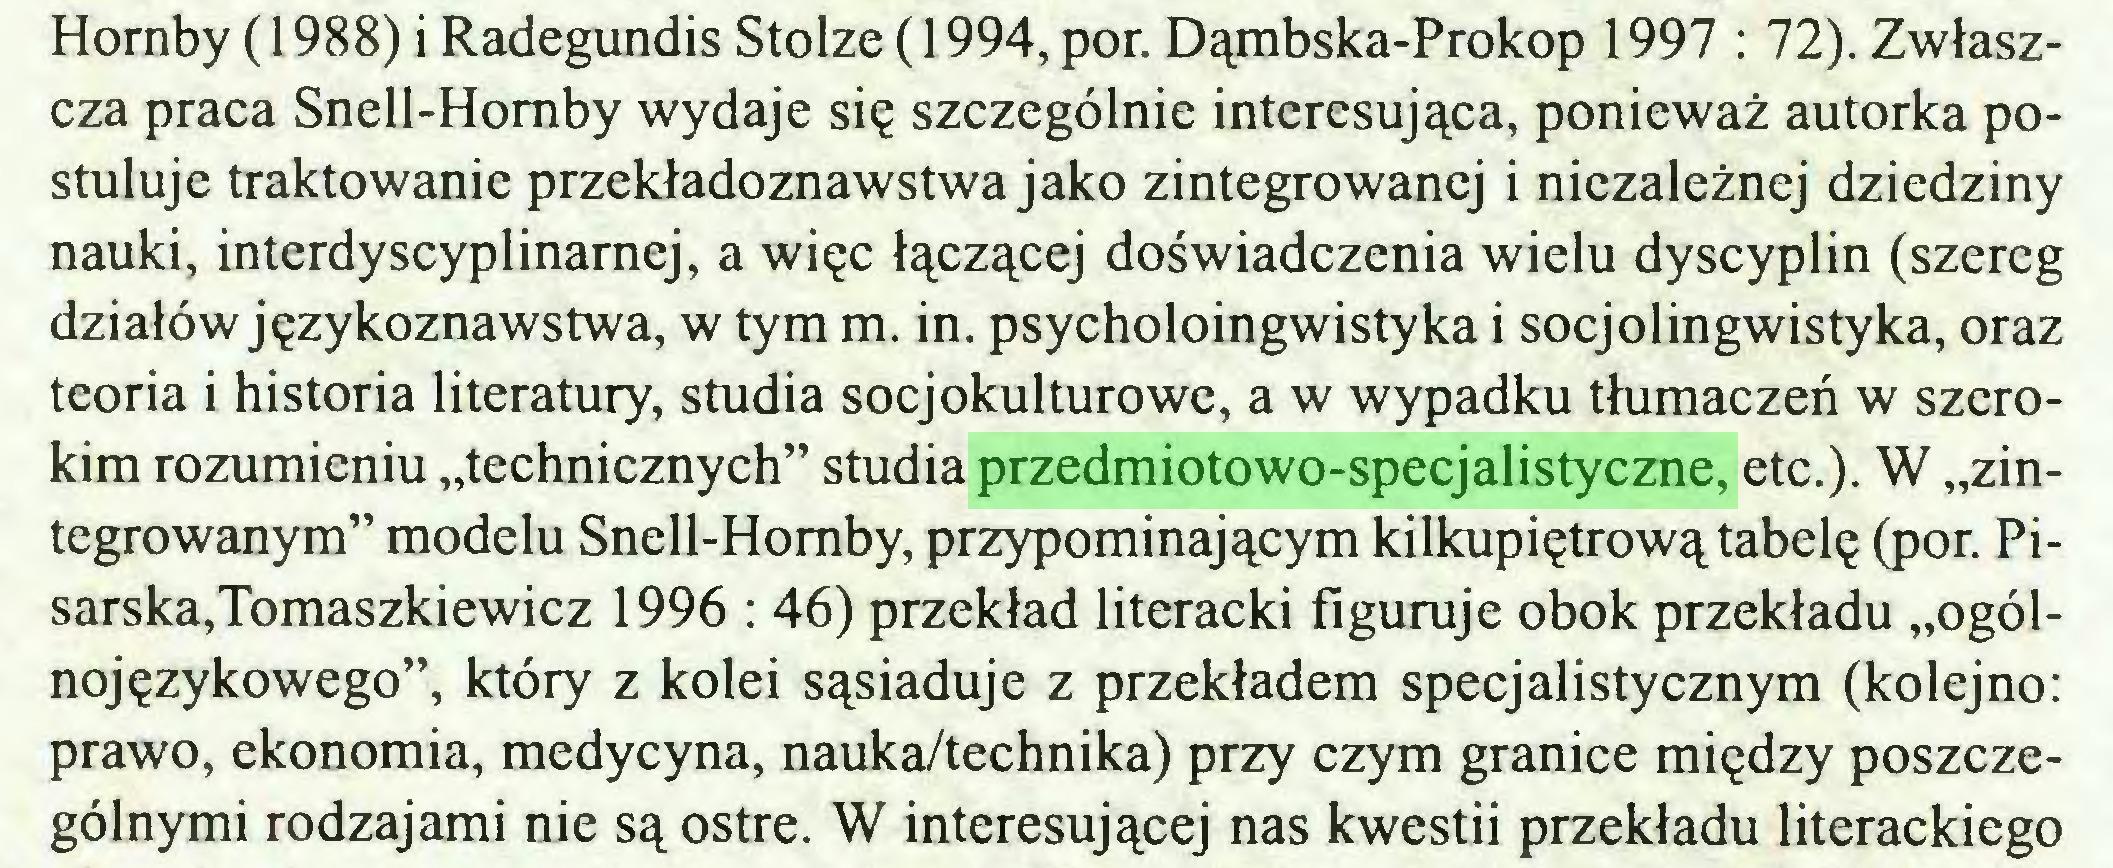 """(...) Homby (1988) i Radegundis Stolze (1994, por. Dąmbska-Prokop 1997 : 72). Zwłaszcza praca Snell-Homby wydaje się szczególnie interesująca, ponieważ autorka postuluje traktowanie przekładoznawstwa jako zintegrowanej i niezależnej dziedziny nauki, interdyscyplinarnej, a więc łączącej doświadczenia wielu dyscyplin (szereg działów językoznawstwa, w tym m. in. psycholoingwistyka i socjolingwistyka, oraz teoria i historia literatury, studia socjokulturowe, a w wypadku tłumaczeń w szerokim rozumieniu """"technicznych"""" studia przedmiotowo-specjalistyczne, etc.). W """"zintegrowanym"""" modelu Snell-Homby, przypominającym kilkupiętrową tabelę (por. Pisarska,Tomaszkiewicz 1996 : 46) przekład literacki figuruje obok przekładu """"ogólnojęzykowego"""", który z kolei sąsiaduje z przekładem specjalistycznym (kolejno: prawo, ekonomia, medycyna, nauka/technika) przy czym granice między poszczególnymi rodzajami nie są ostre. W interesującej nas kwestii przekładu literackiego..."""